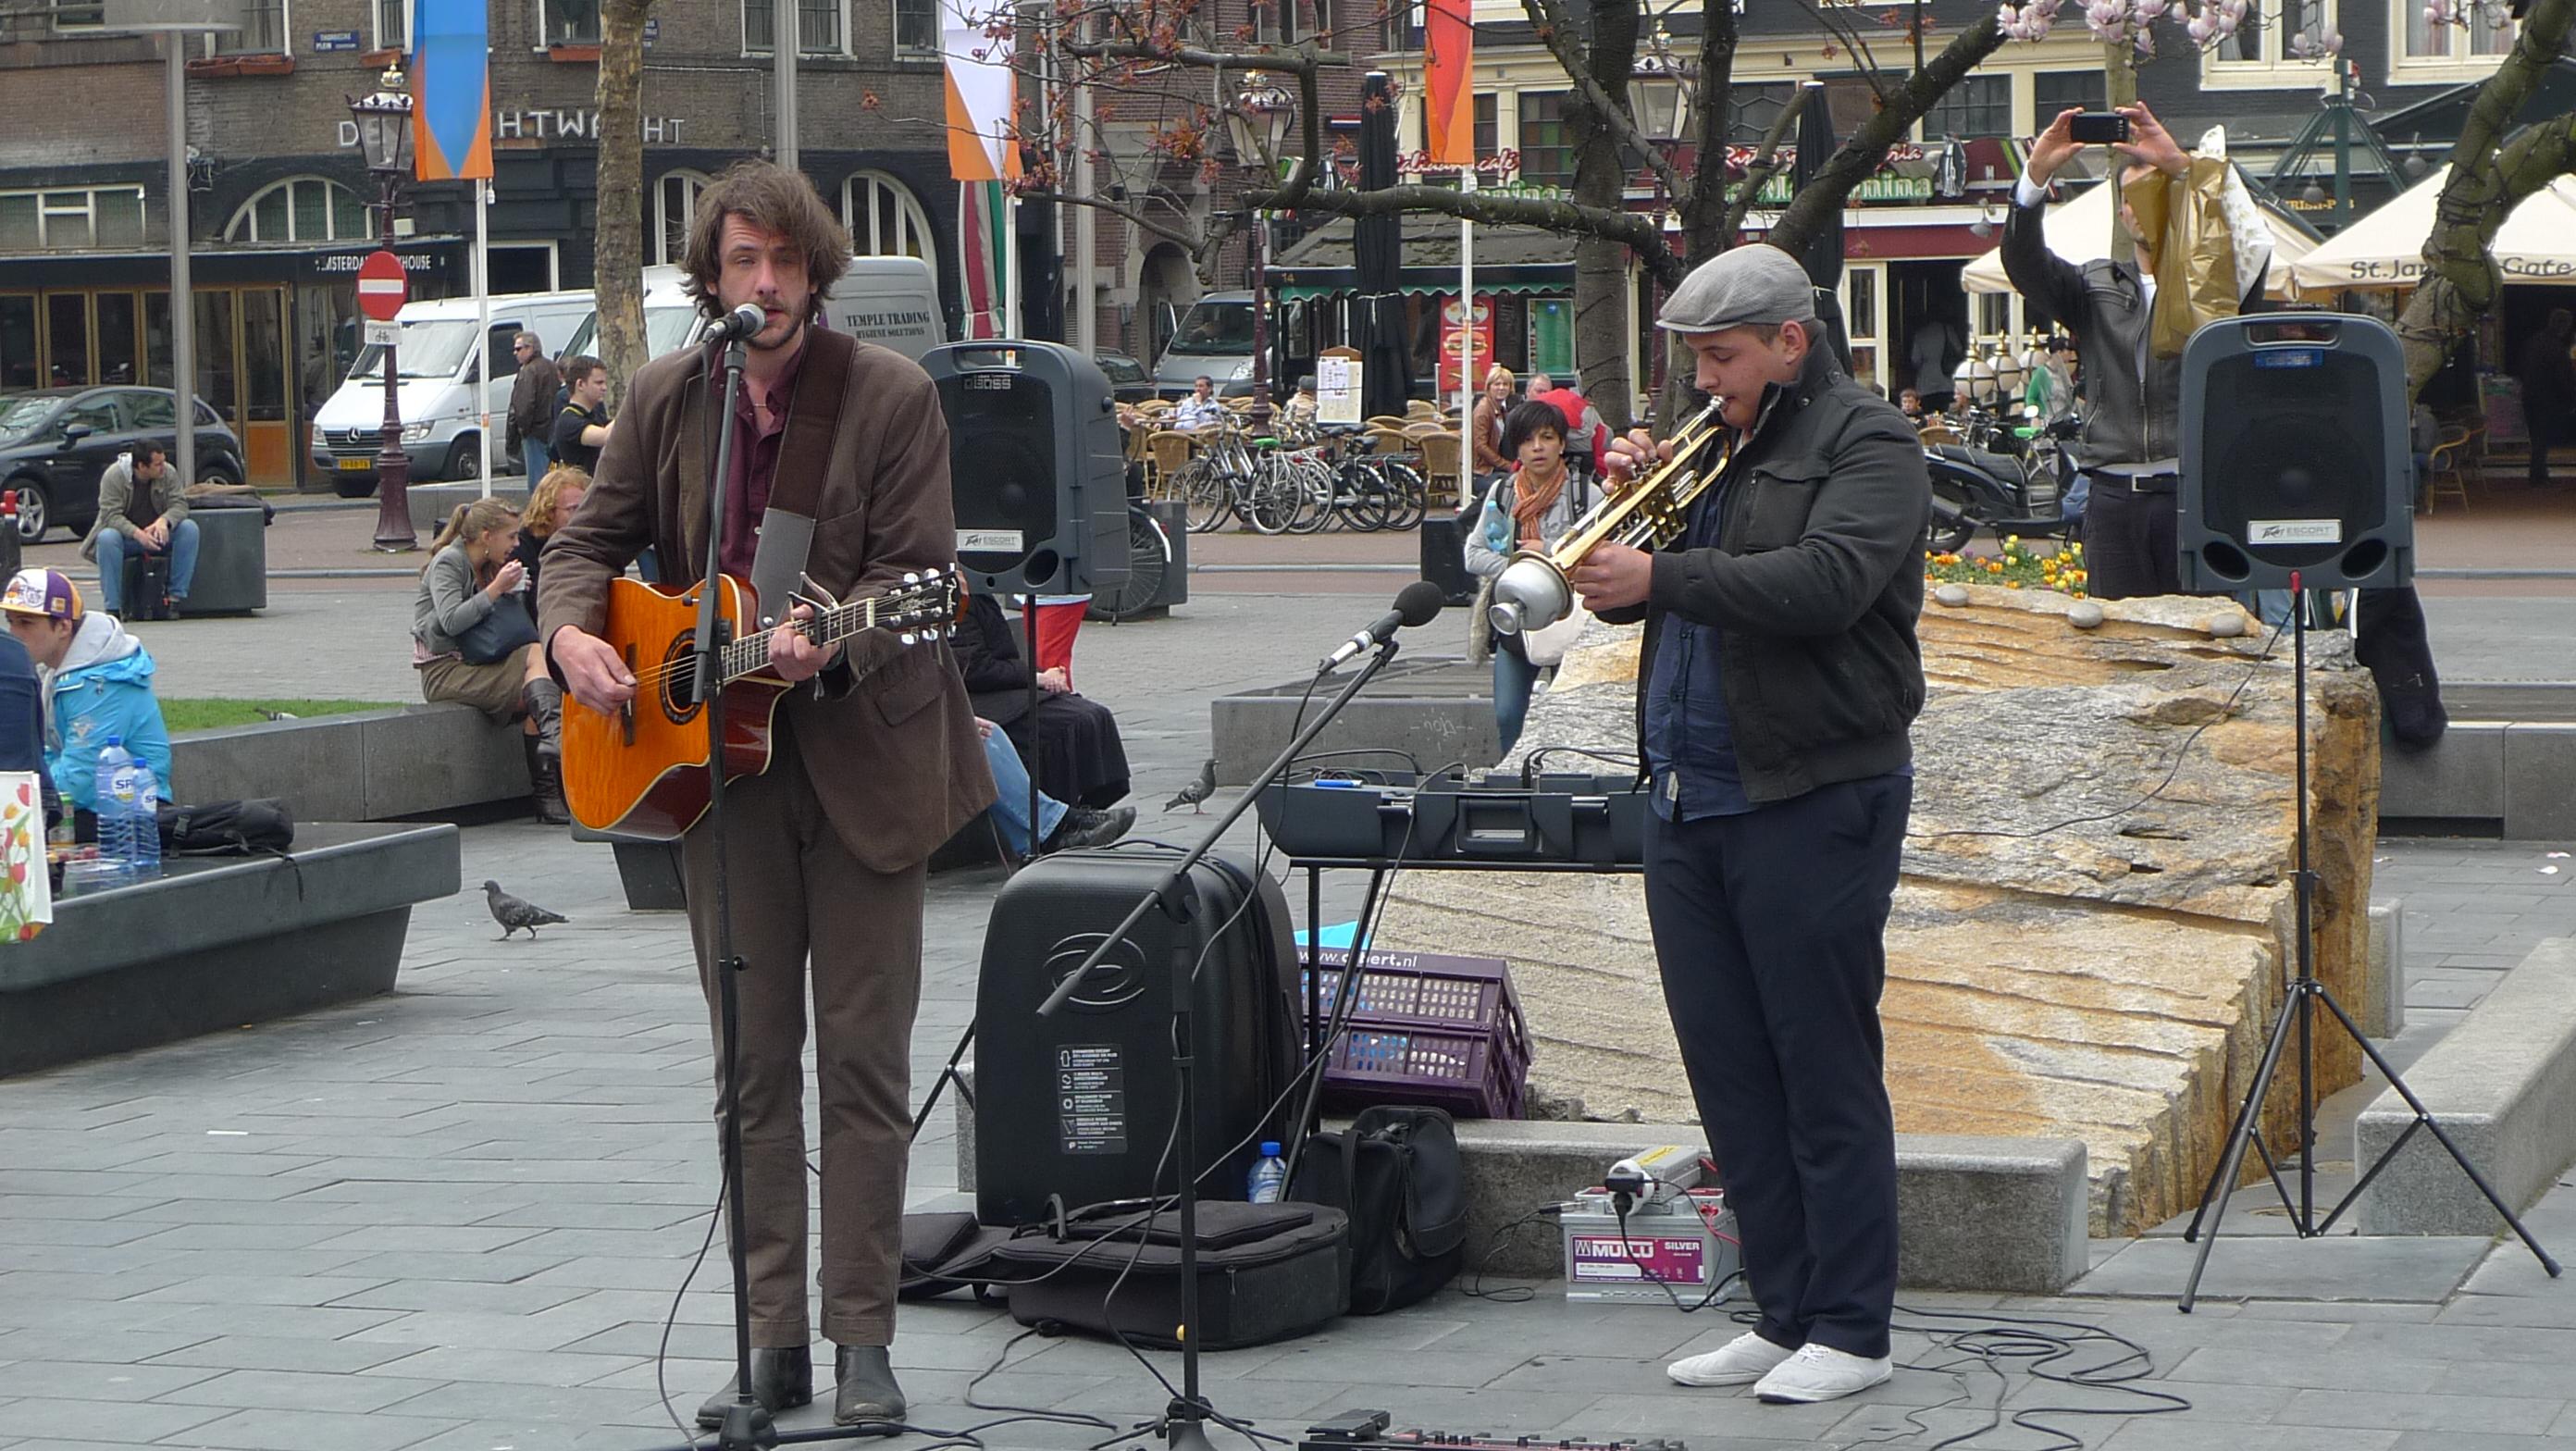 Duo_straatmuzikanten_met_versterker_-_kopie